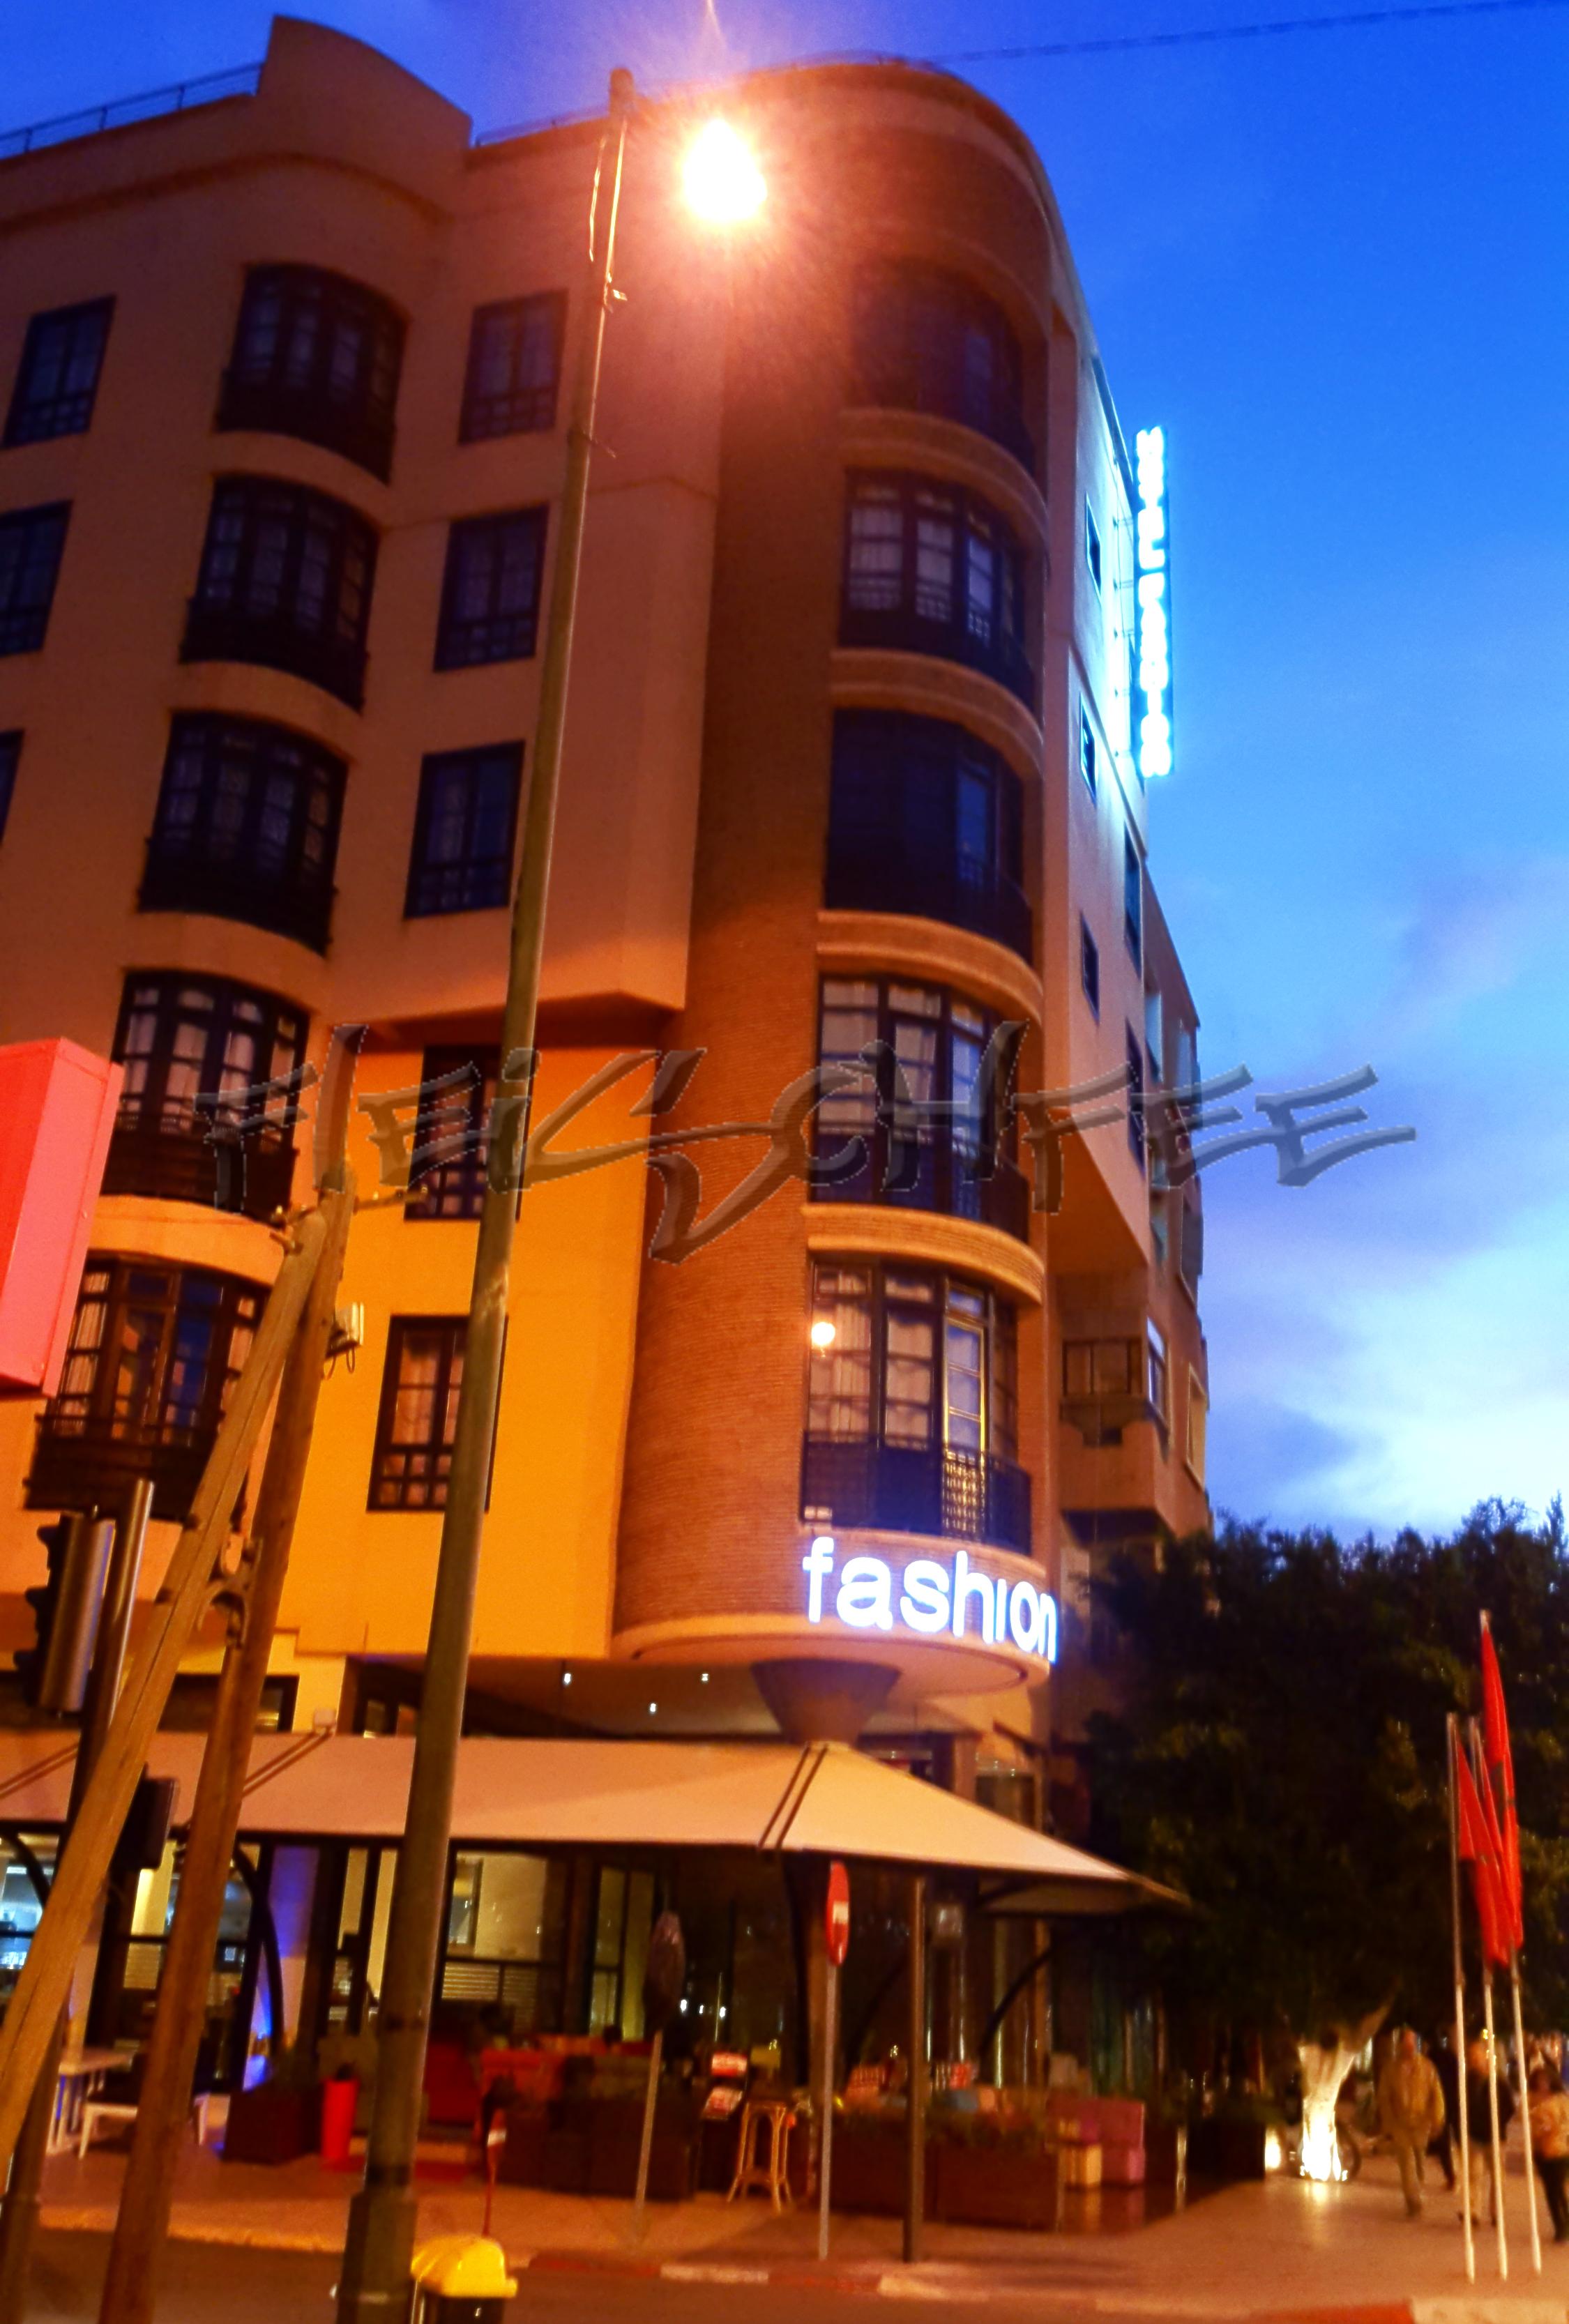 Fashion Hotel.jpg